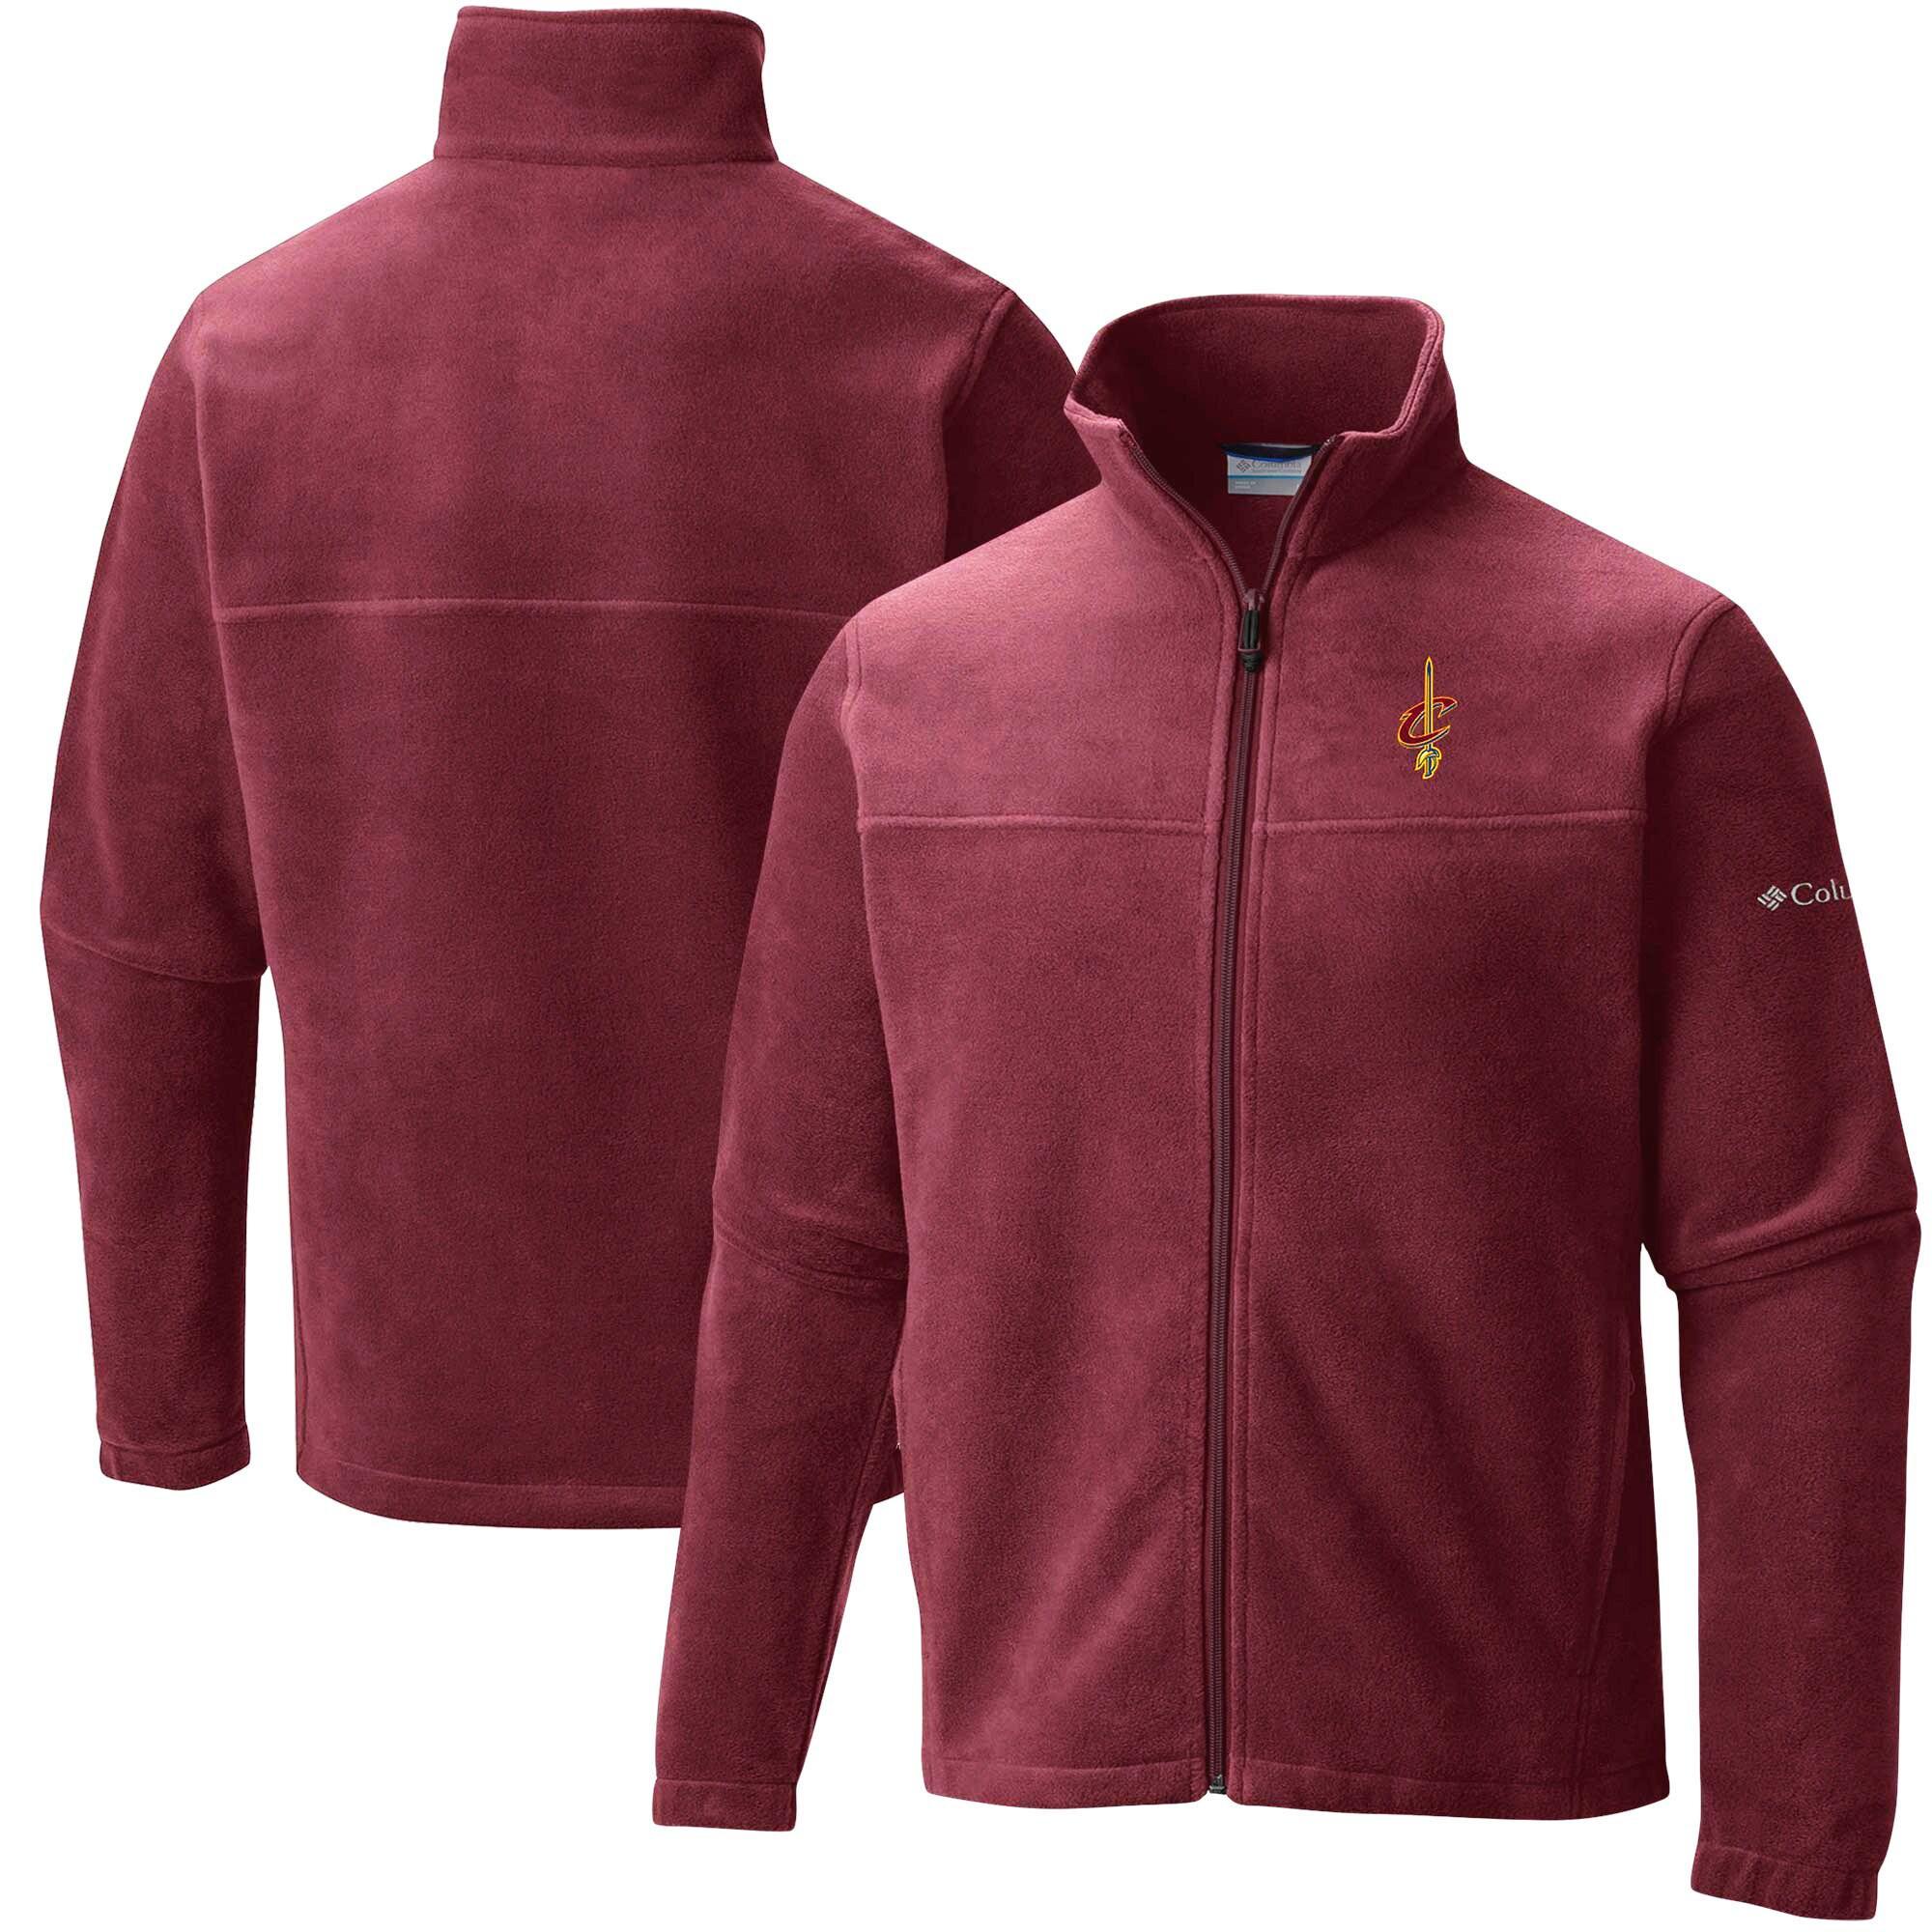 Cleveland Cavaliers Columbia Flanker Fleece Full-Zip Jacket - Wine